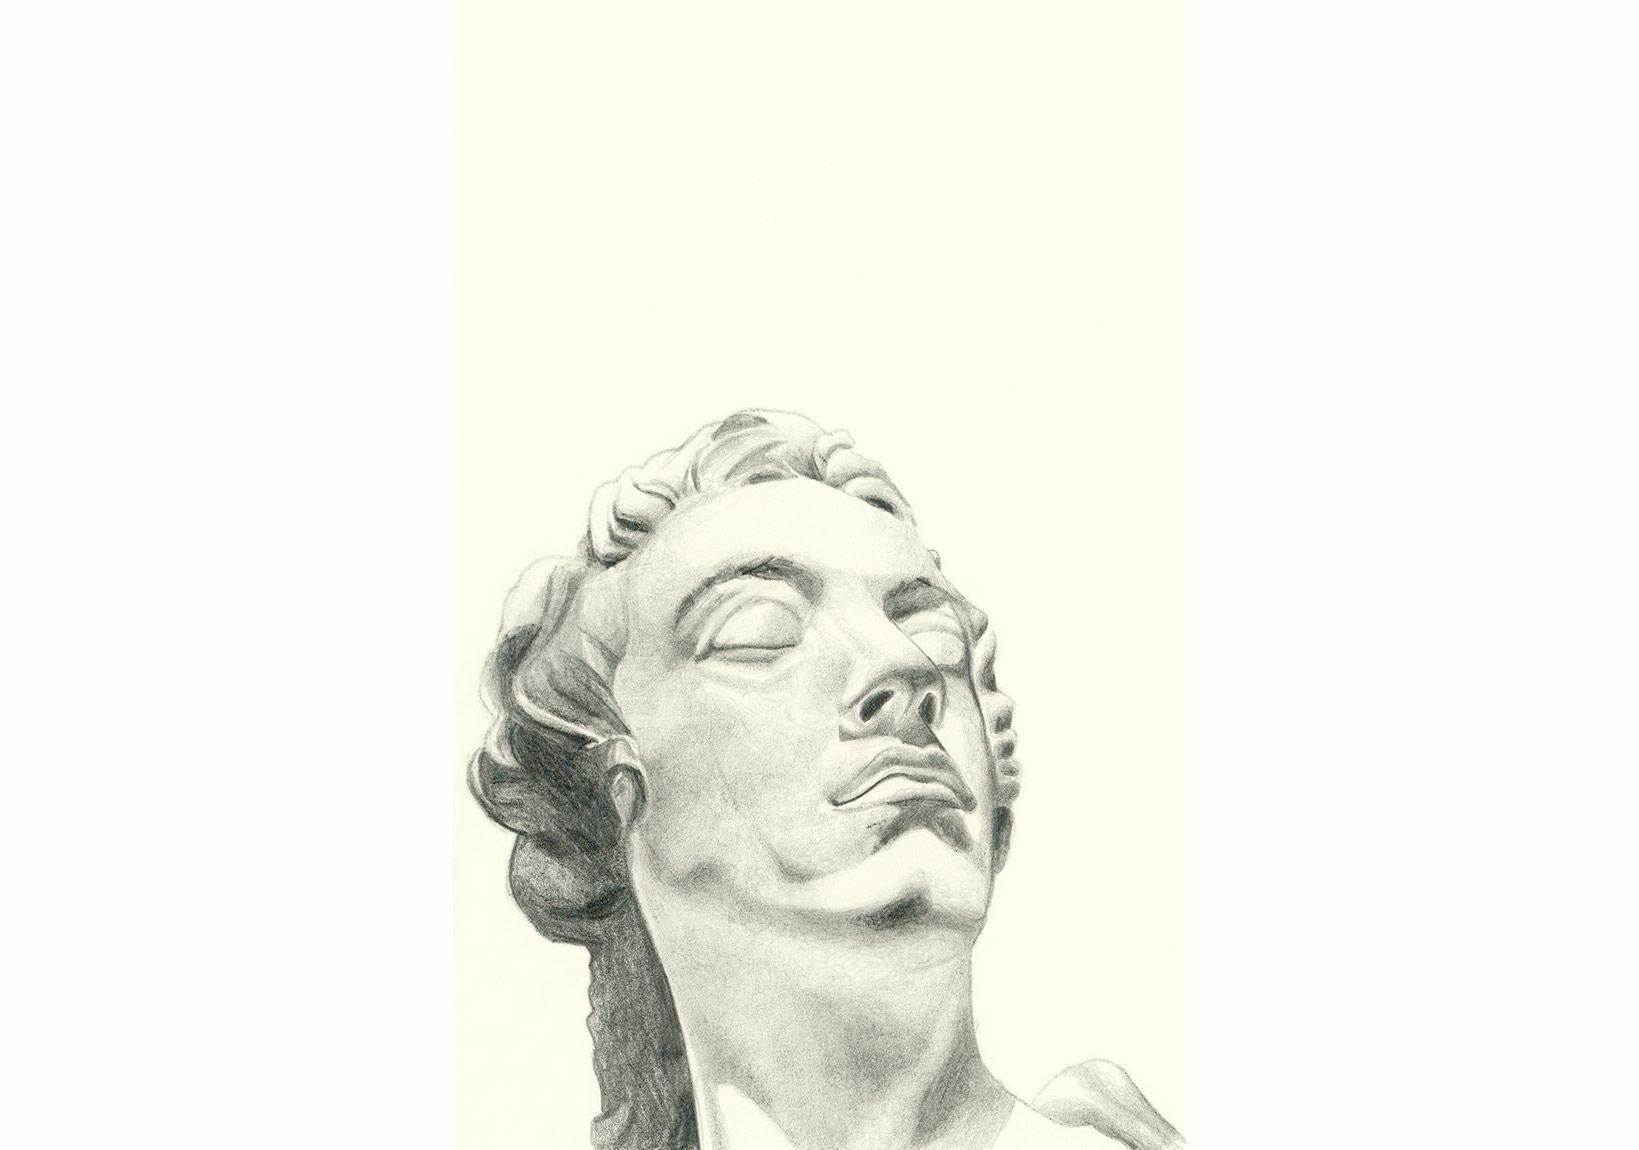 """Seda Hepsev, """"Yorgun"""", kağıt üzerine desen, 14.5 x 9.5 cm, 2015"""